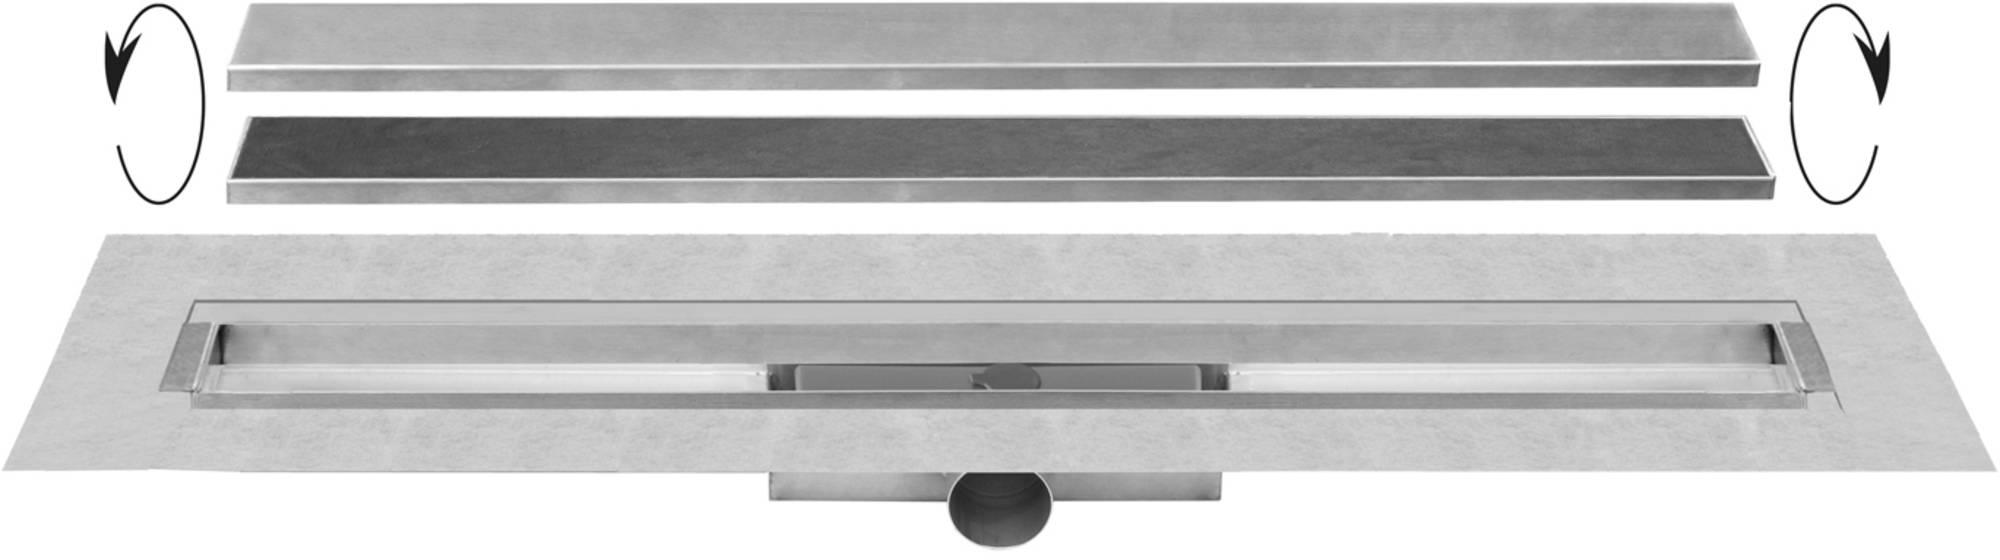 Easydrain Compact 50 taf afvoergoot 90 cm,rooster als zero of tegel design, rvs